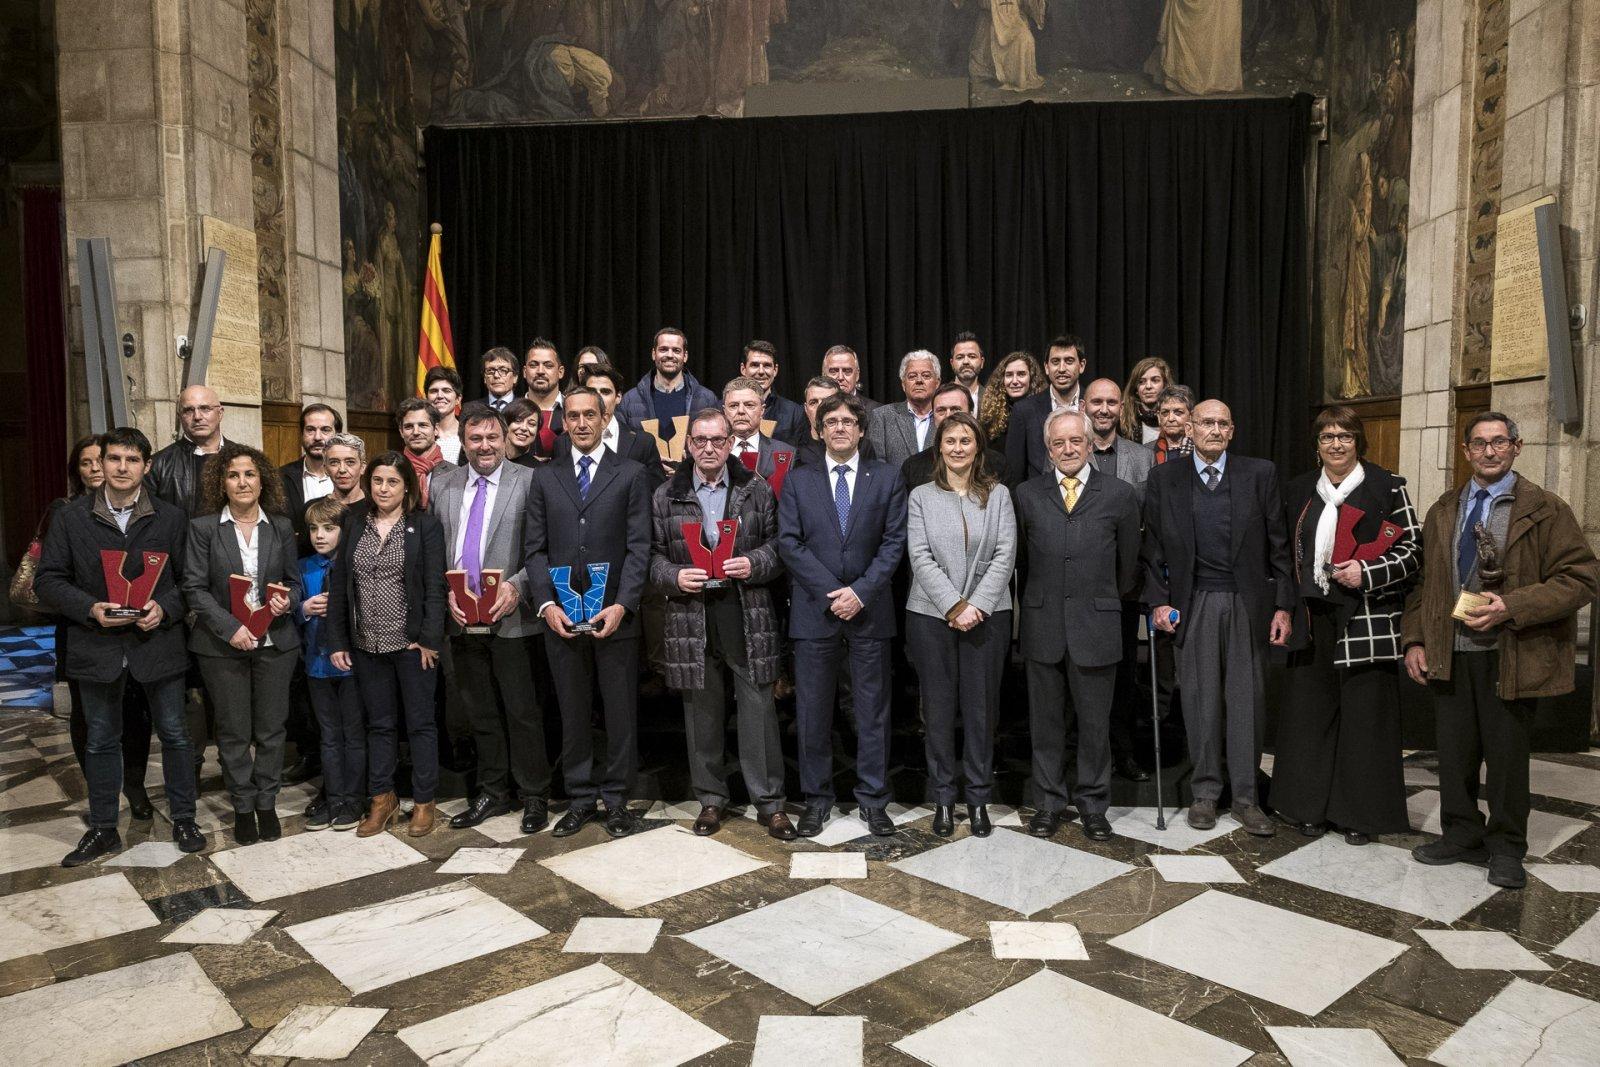 Recepció dels Premis Vinaris 2016 al Palau de la Generalitat